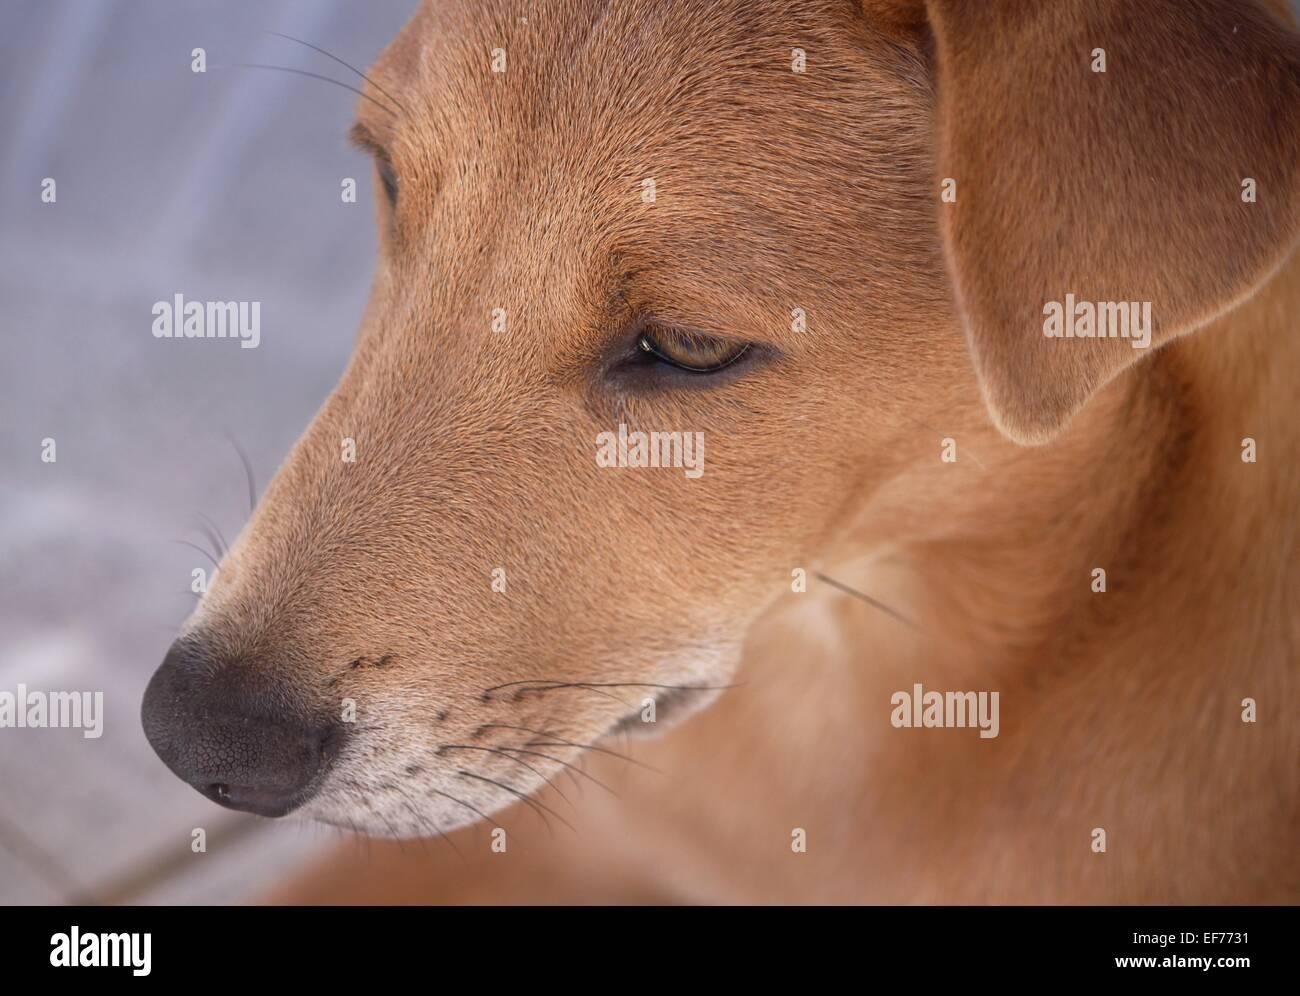 Headshot of a dog Stock Photo